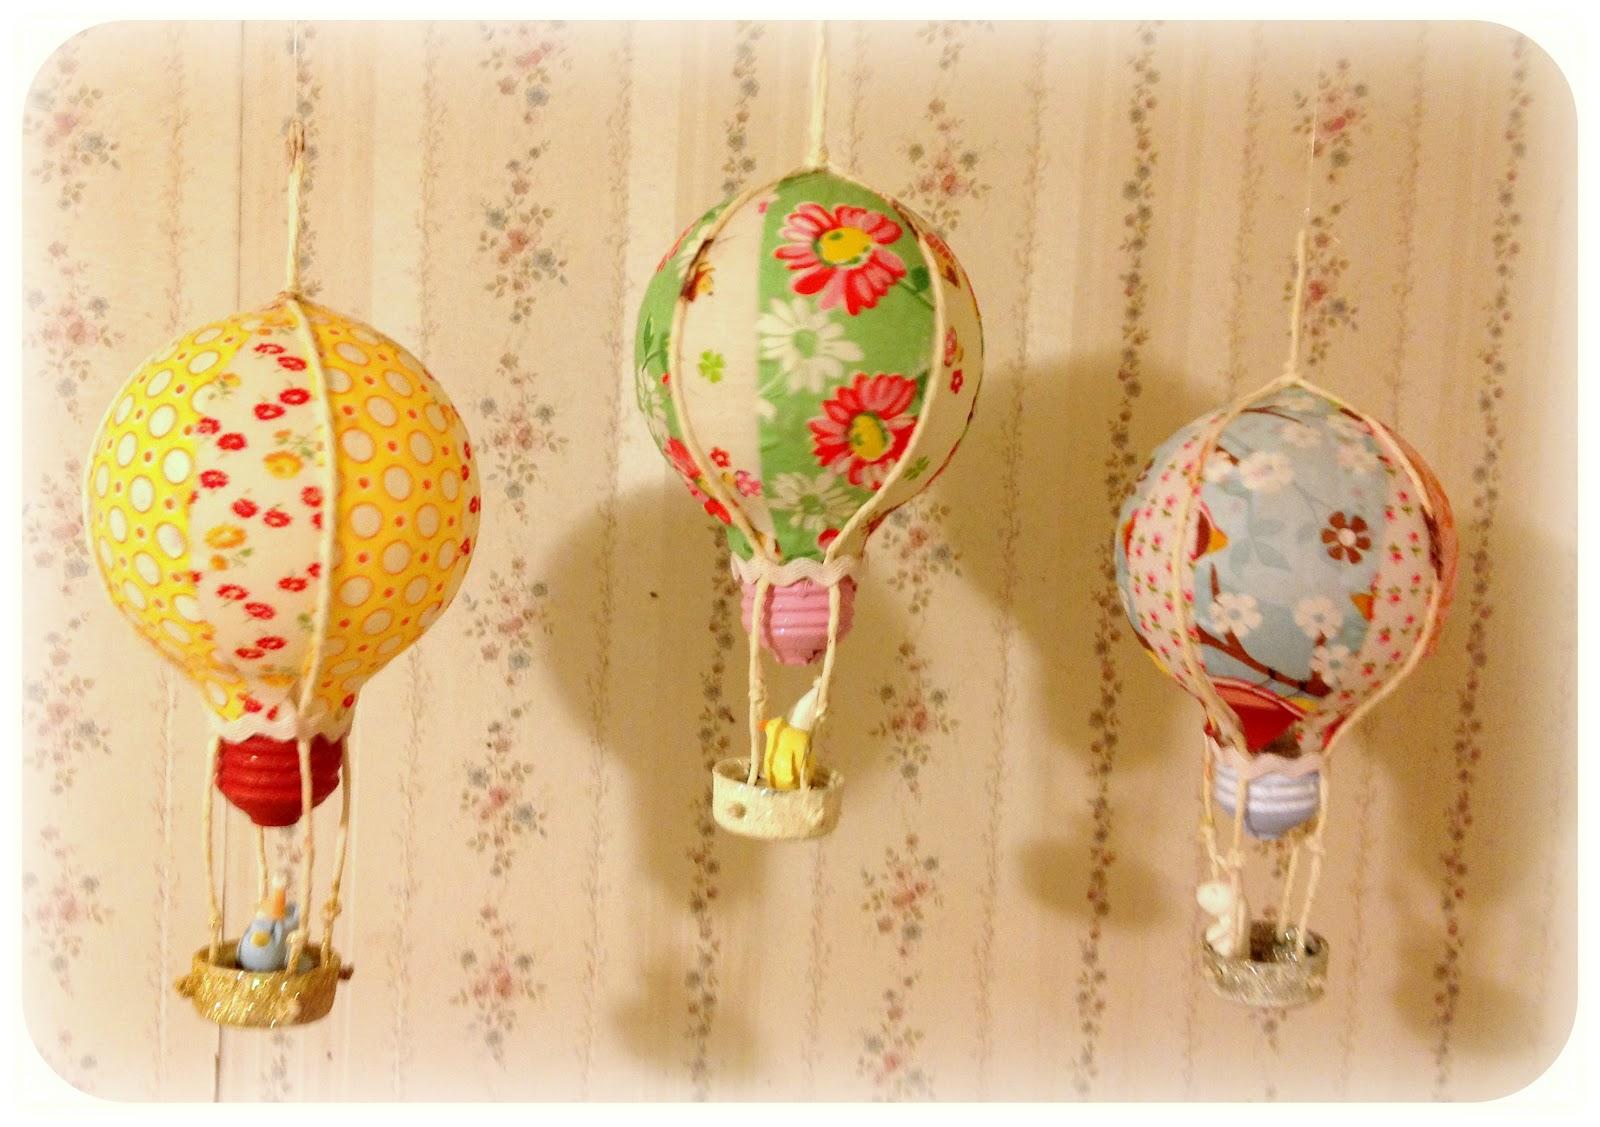 Manualidades con bombillas - globos